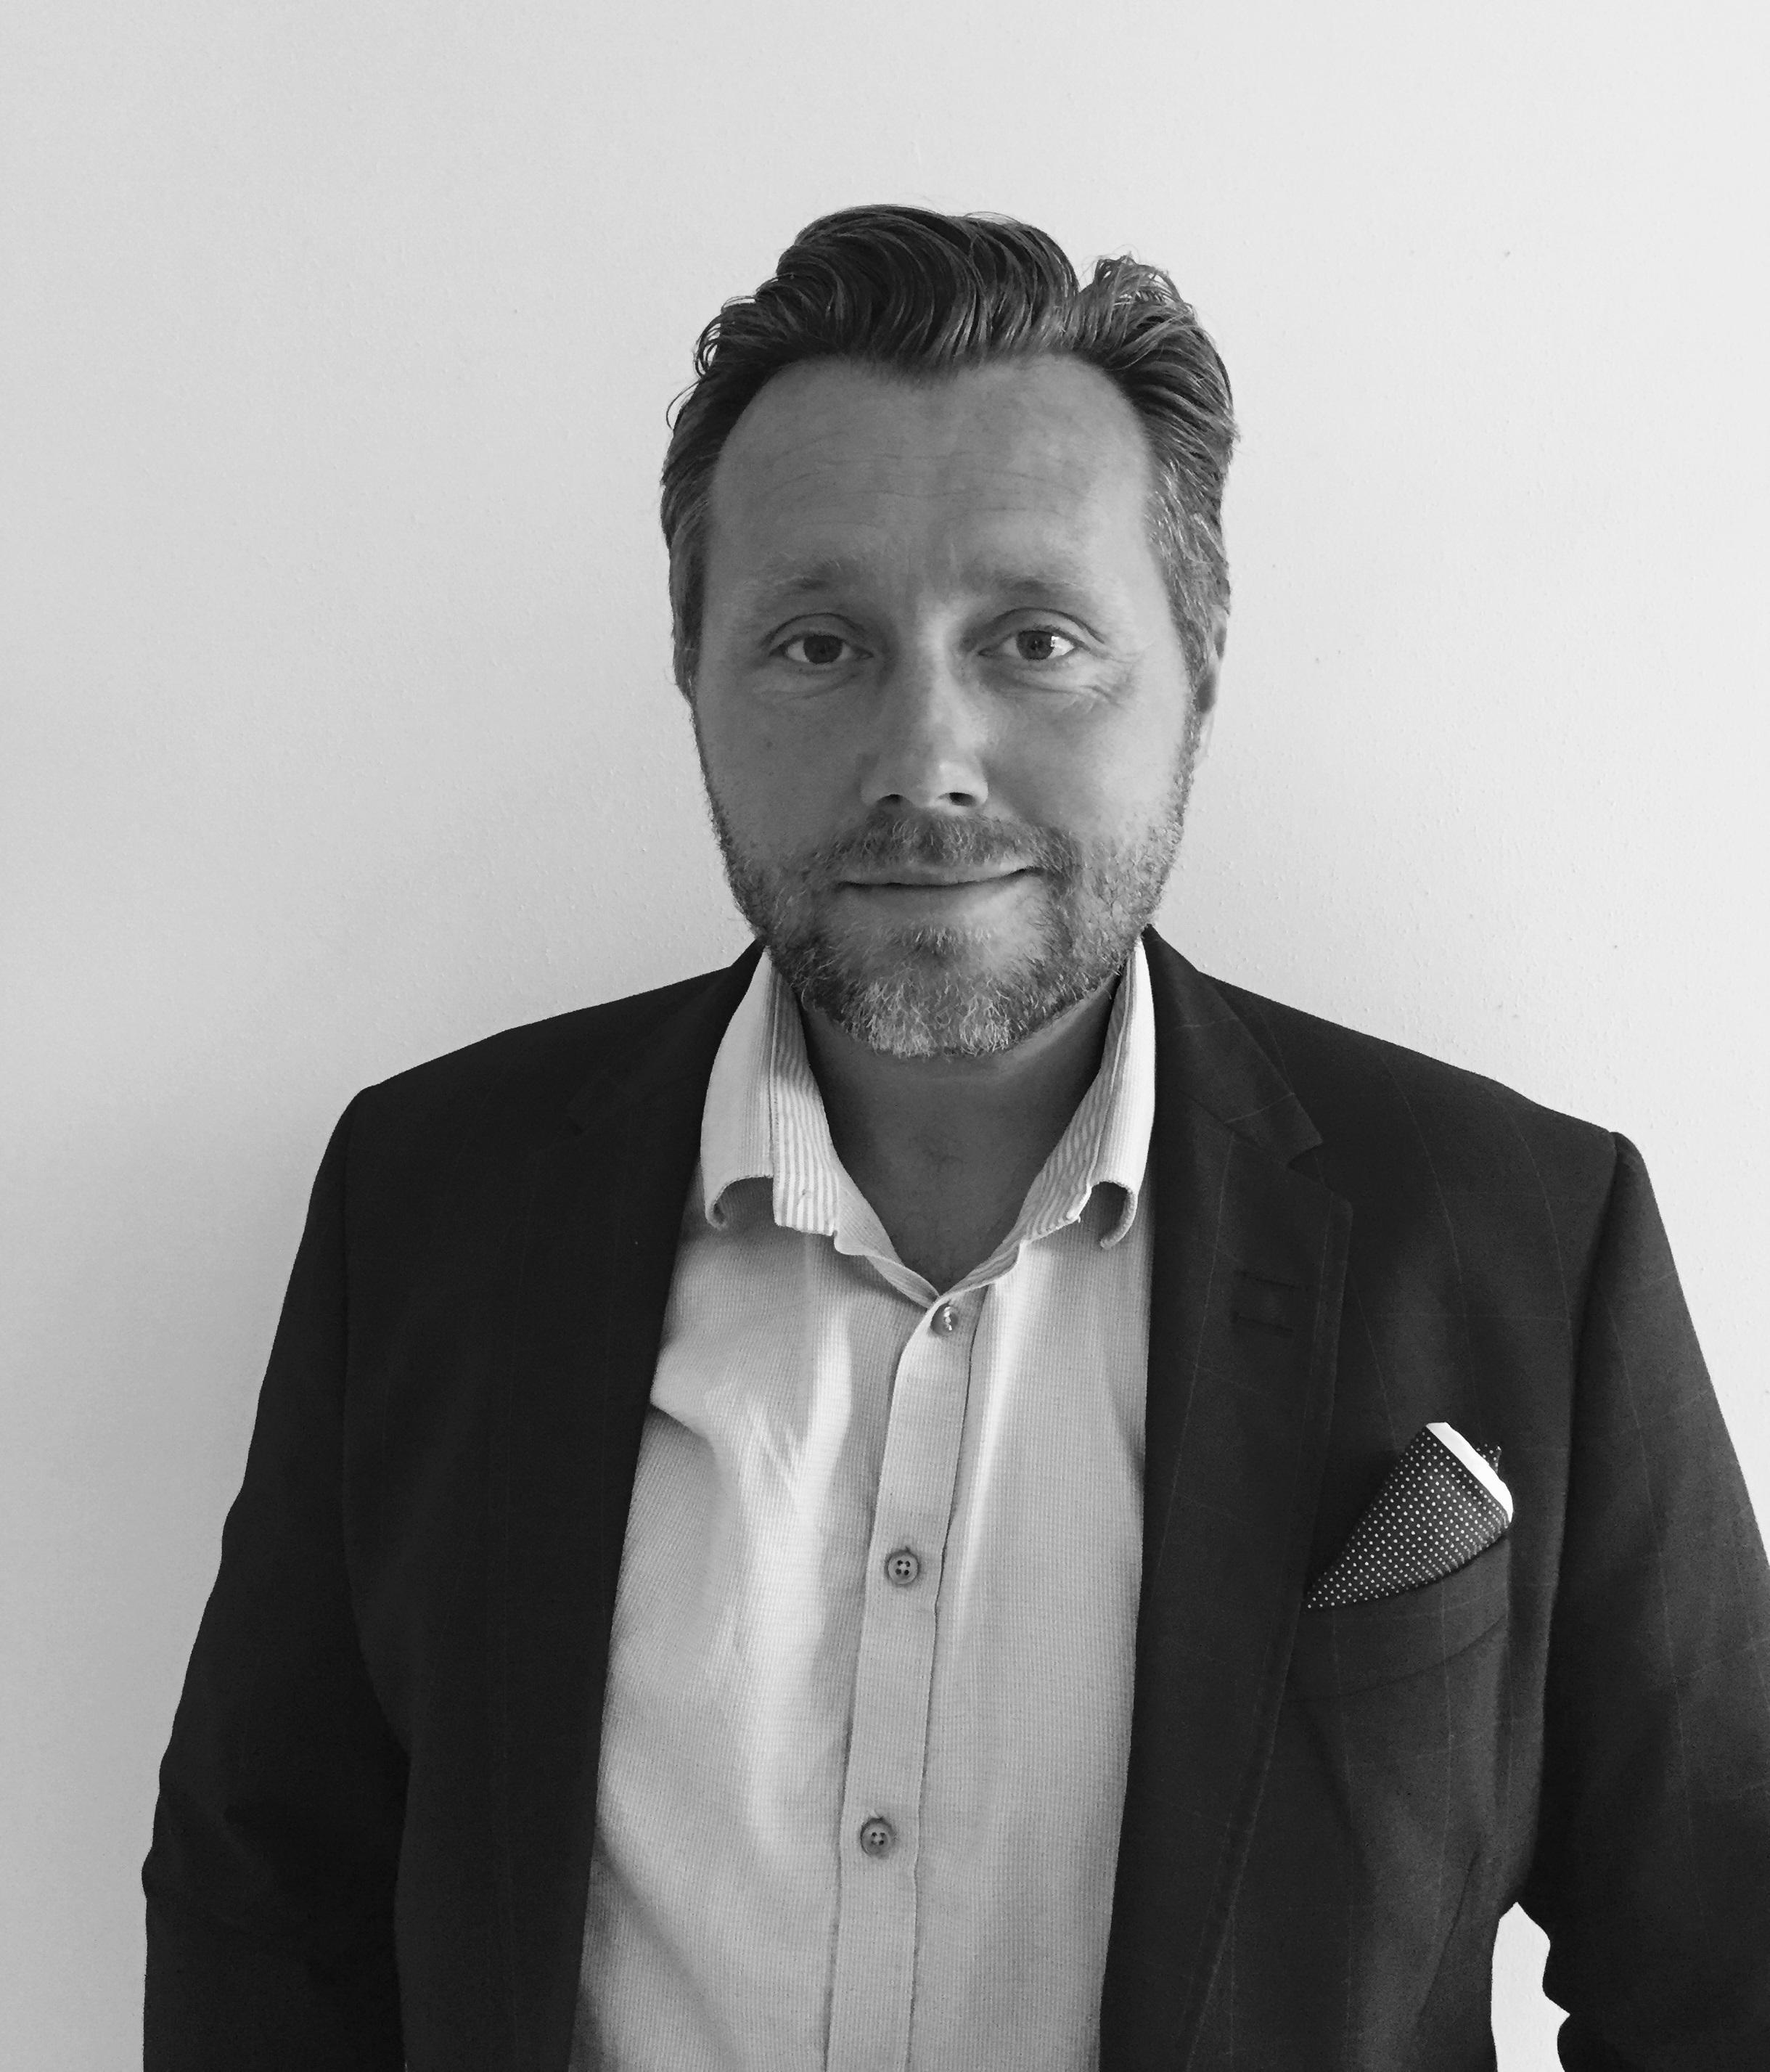 Søren Ellemose